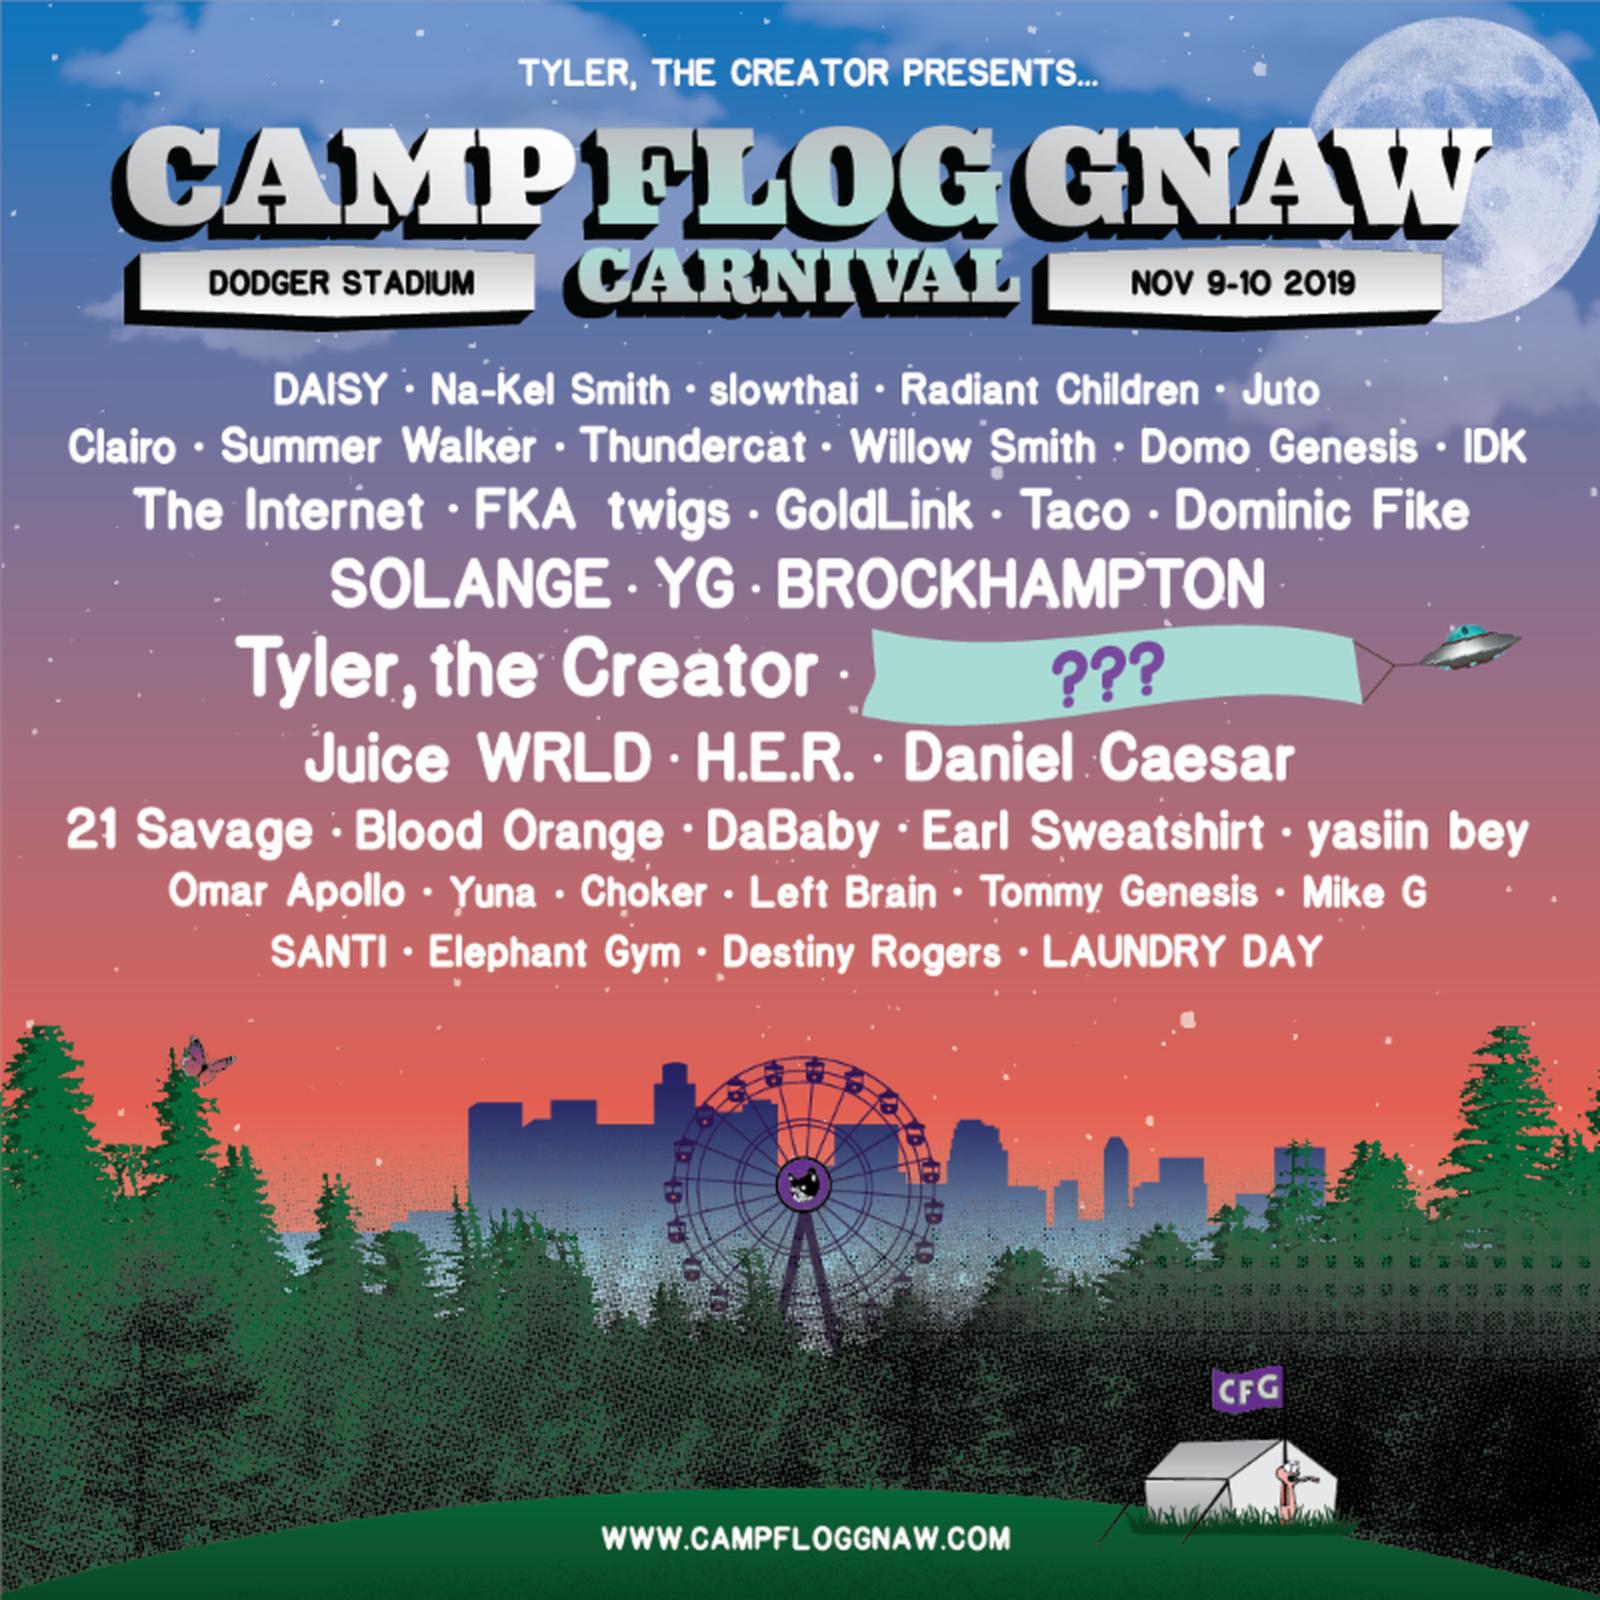 unnamed Camp Flog Gnaw FKA twigs solange